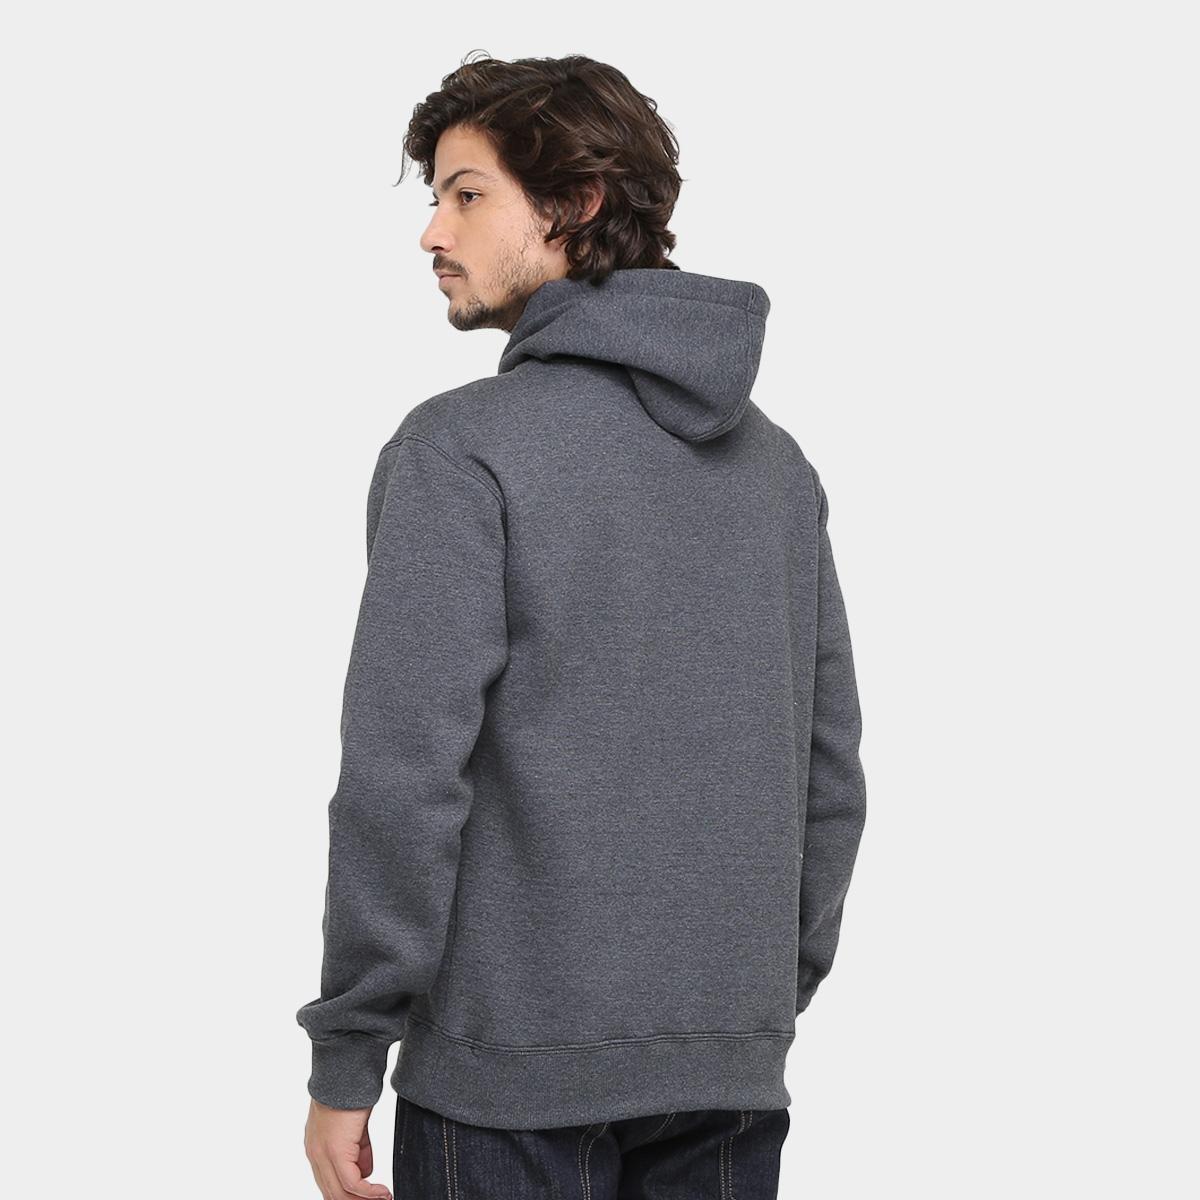 Moletom Oakley Mod Varsity Pullover Masculino - Compre Agora  d424c1fb631